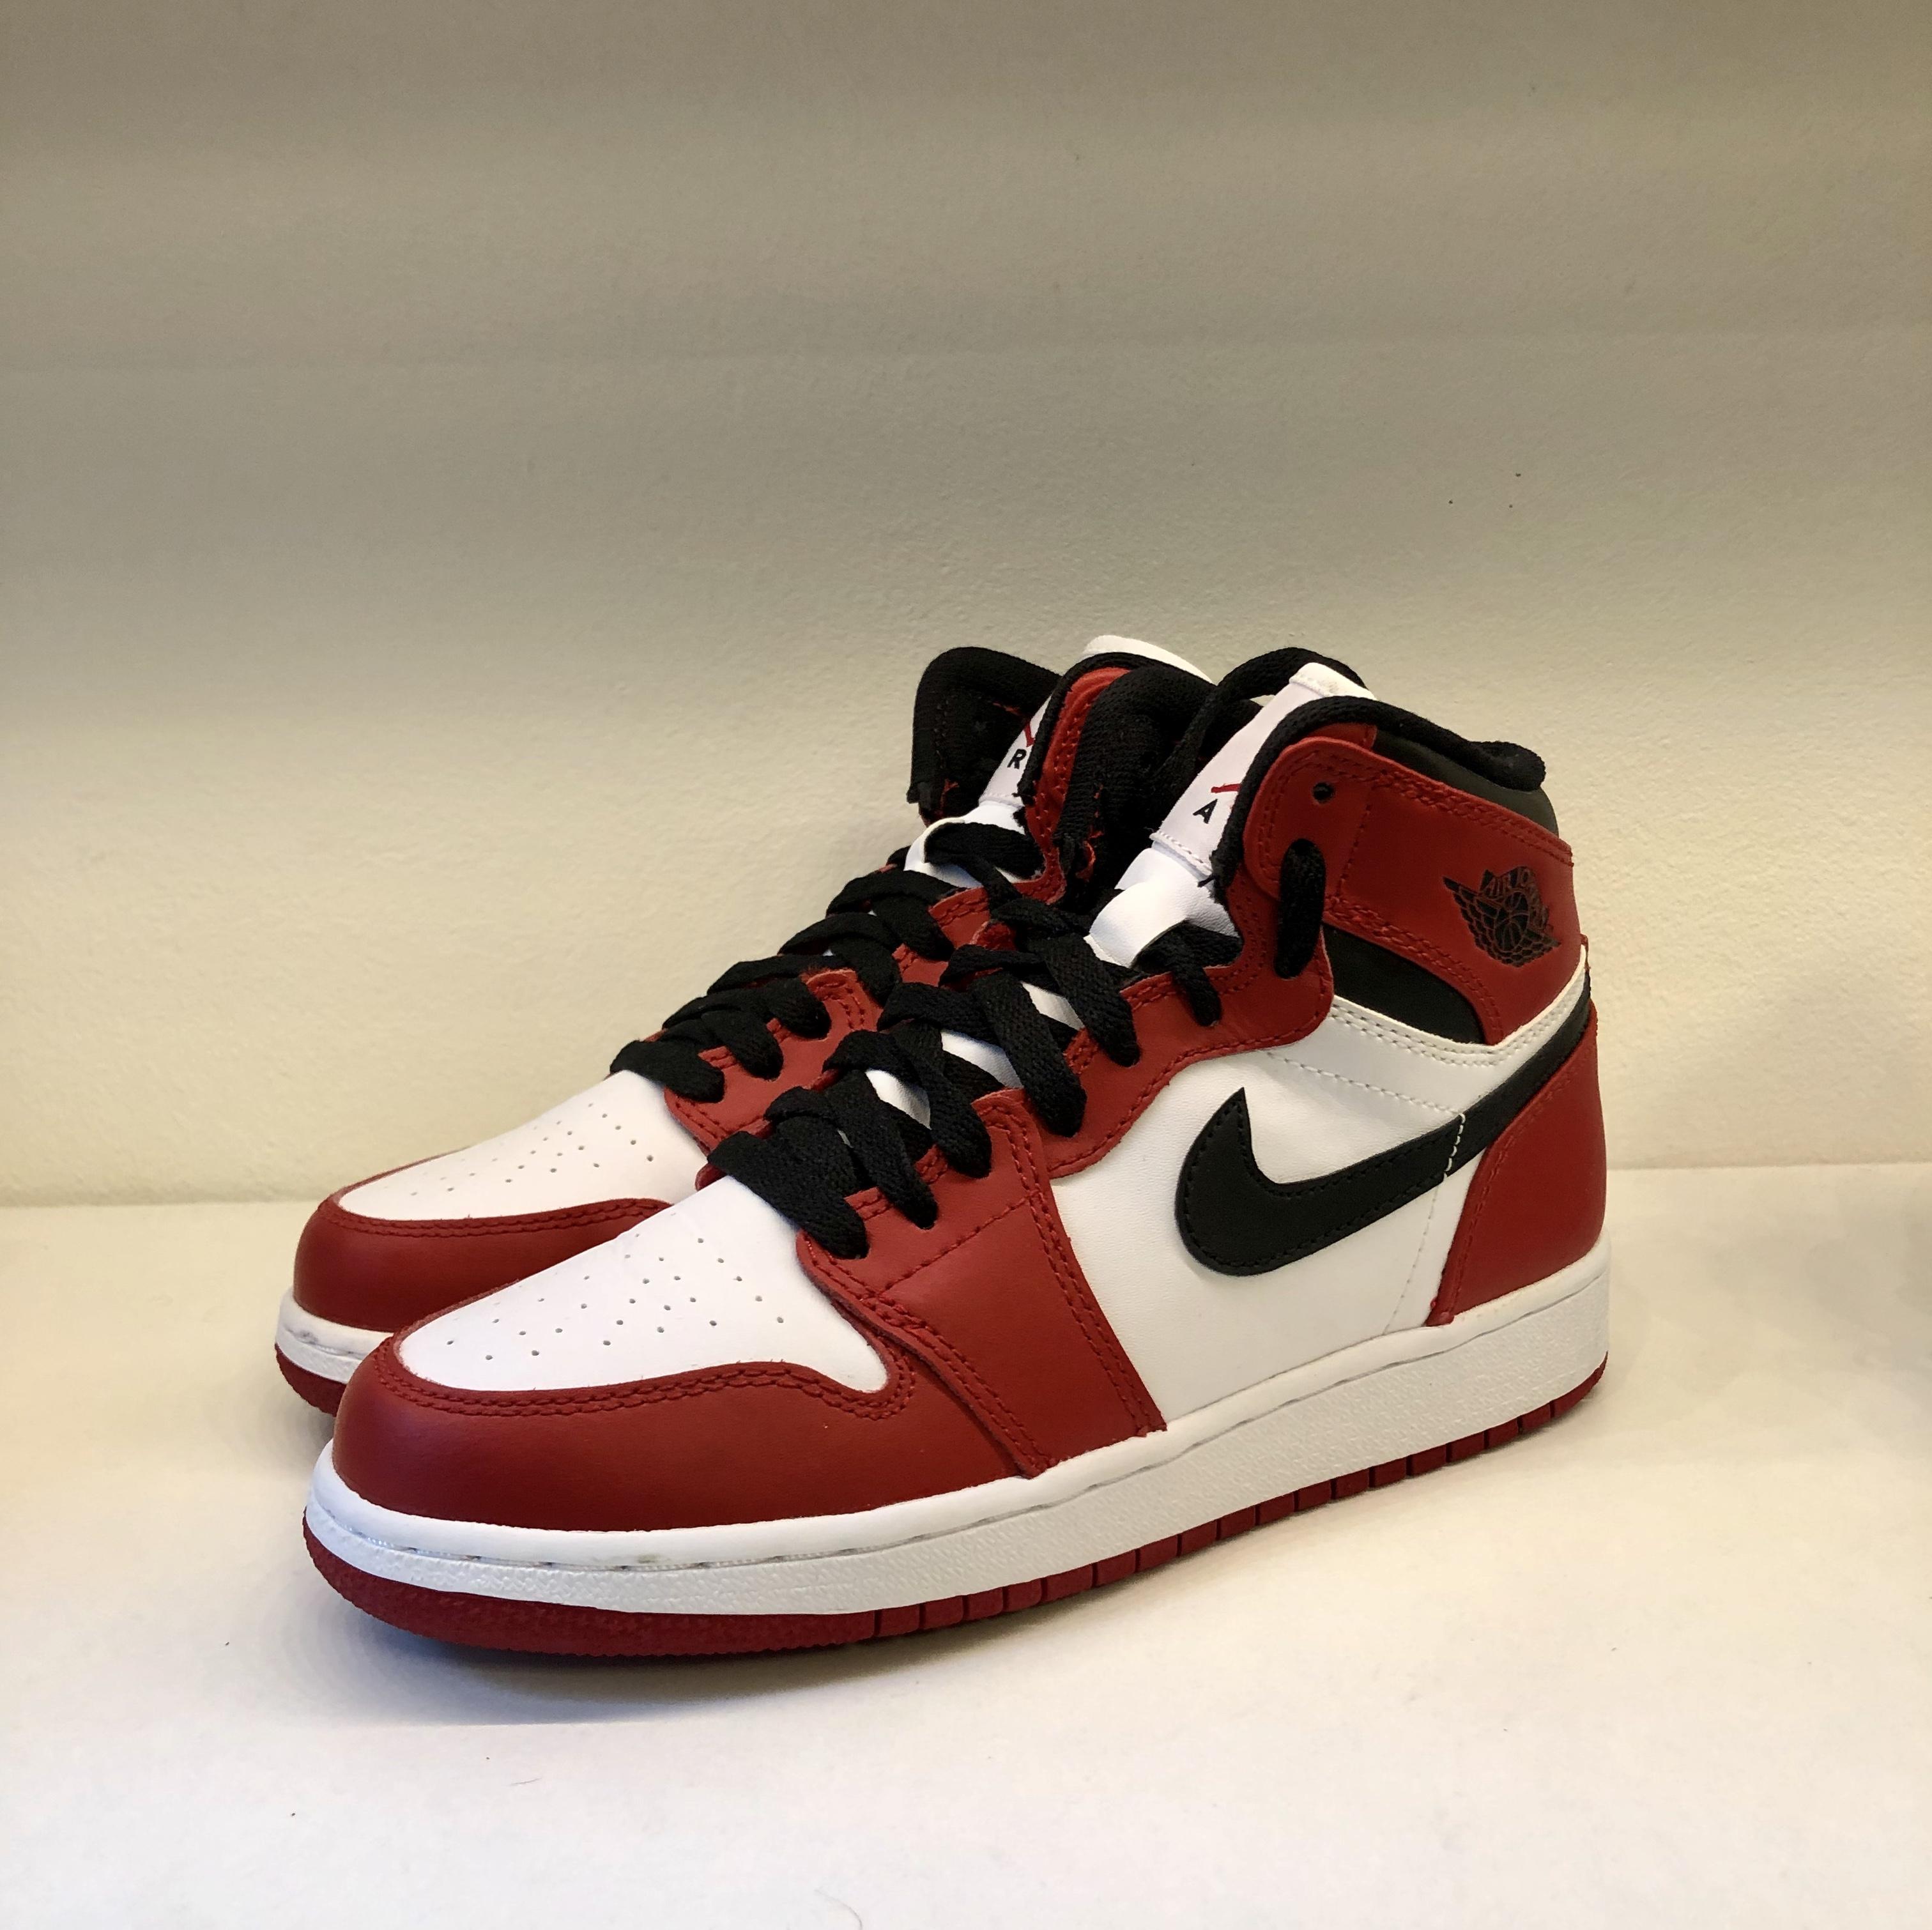 Jordan 1 Retro Chicago GS